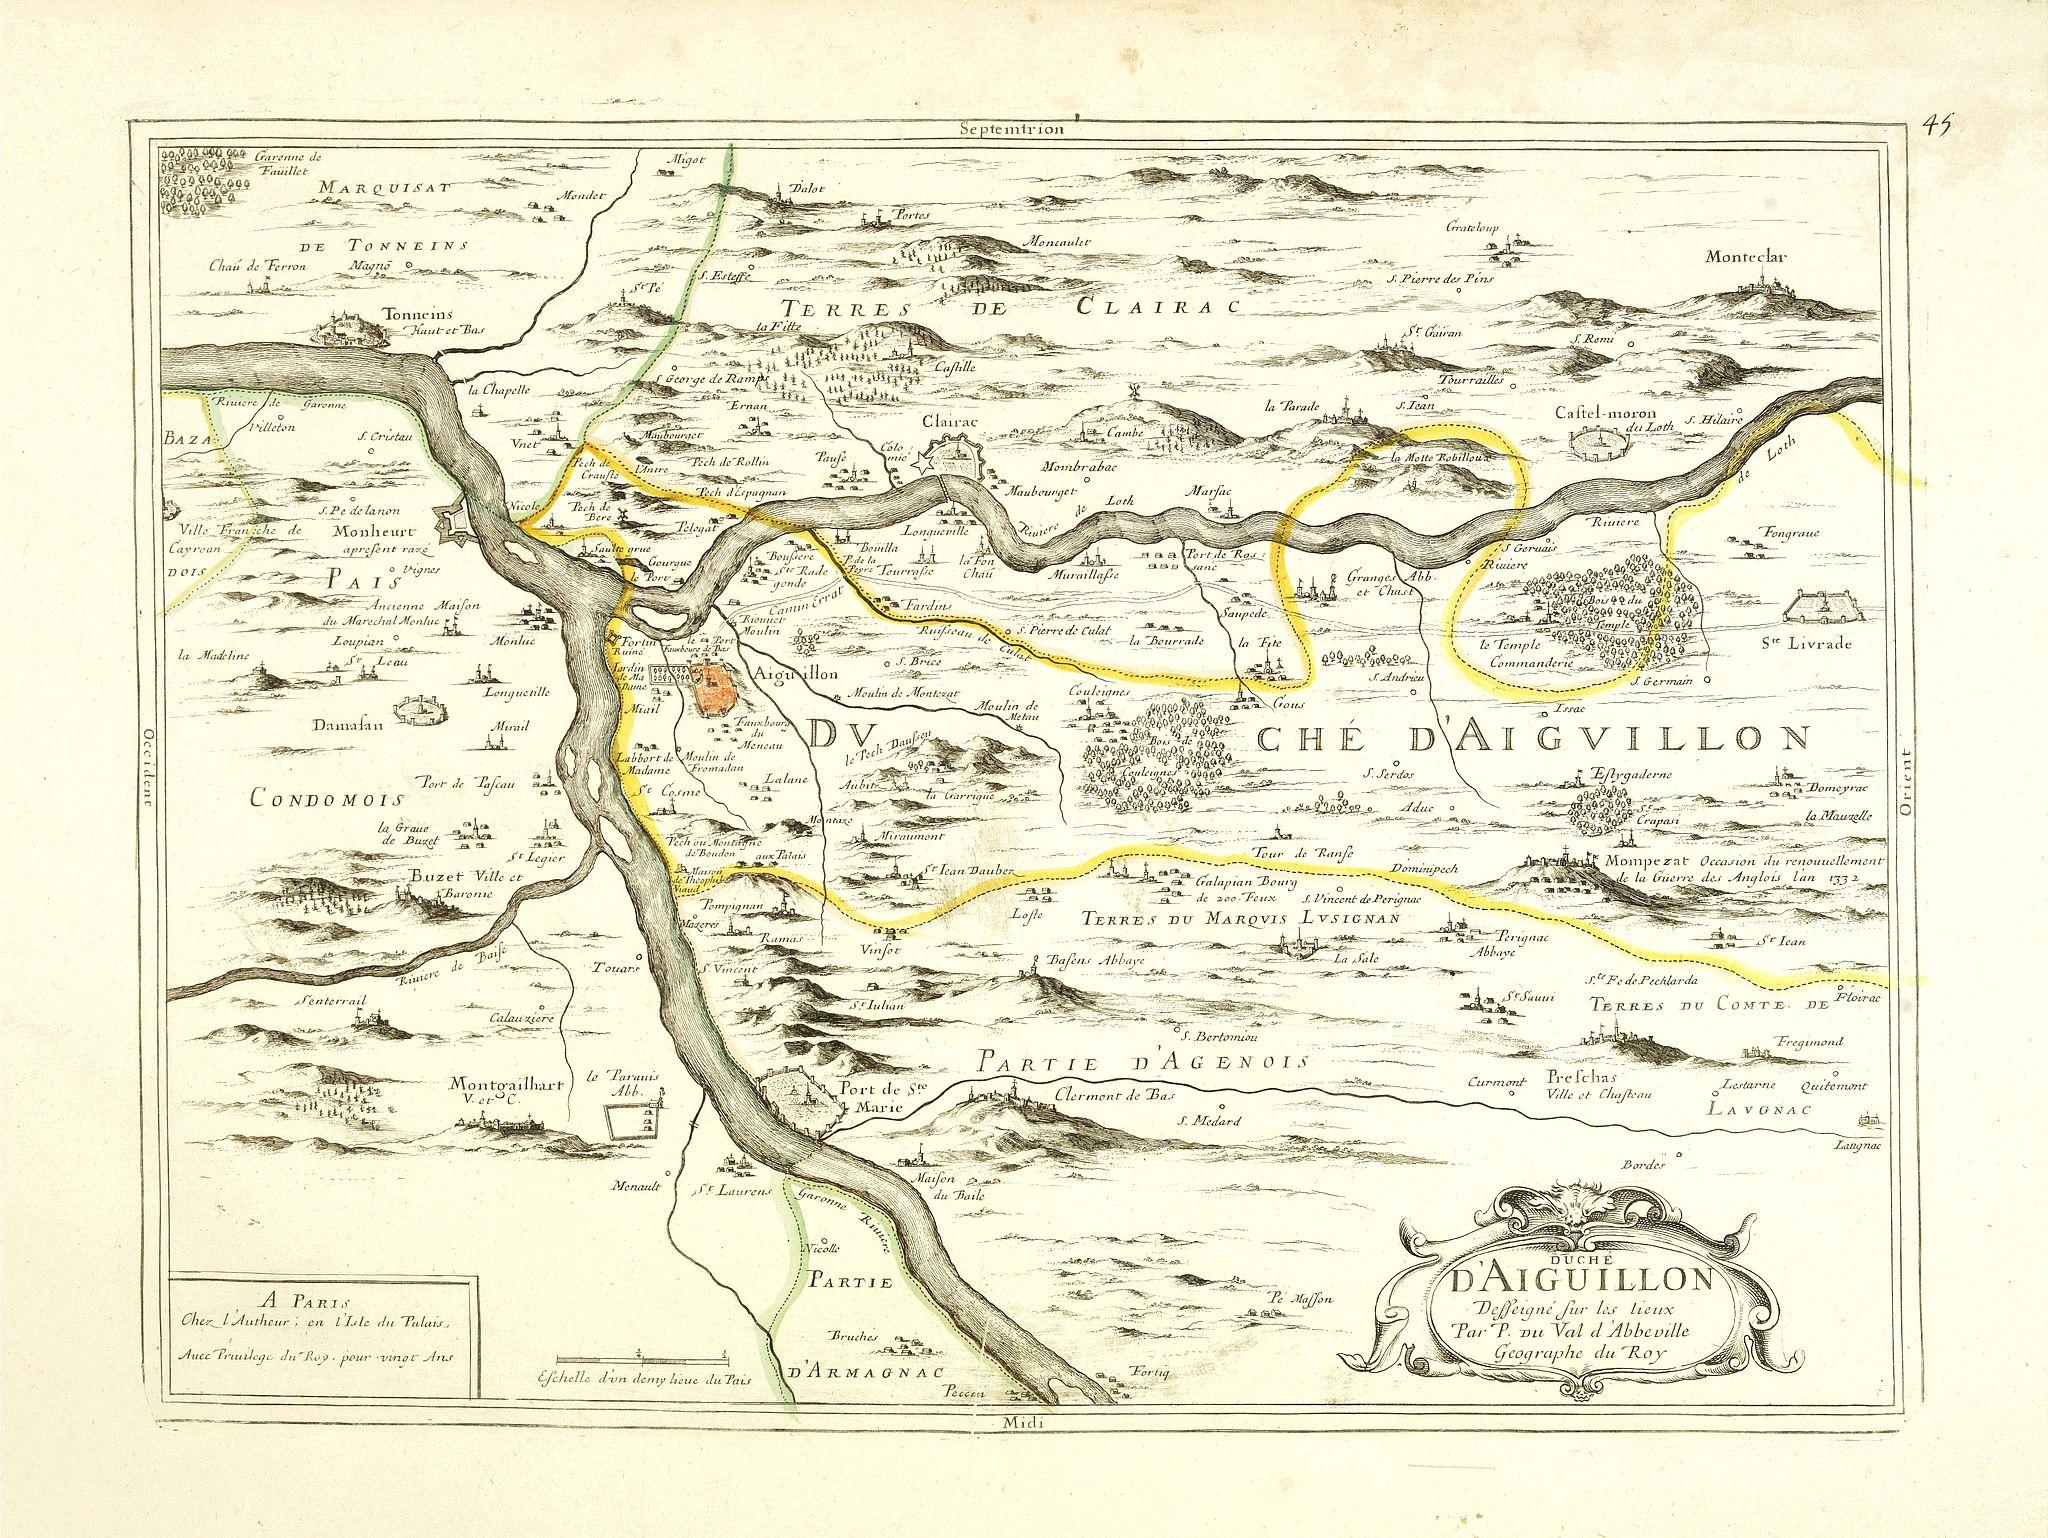 P. DU VAL -  Duché d'Aiguillon Desseigné sur les lieux par P. du Val d'Abbeville.